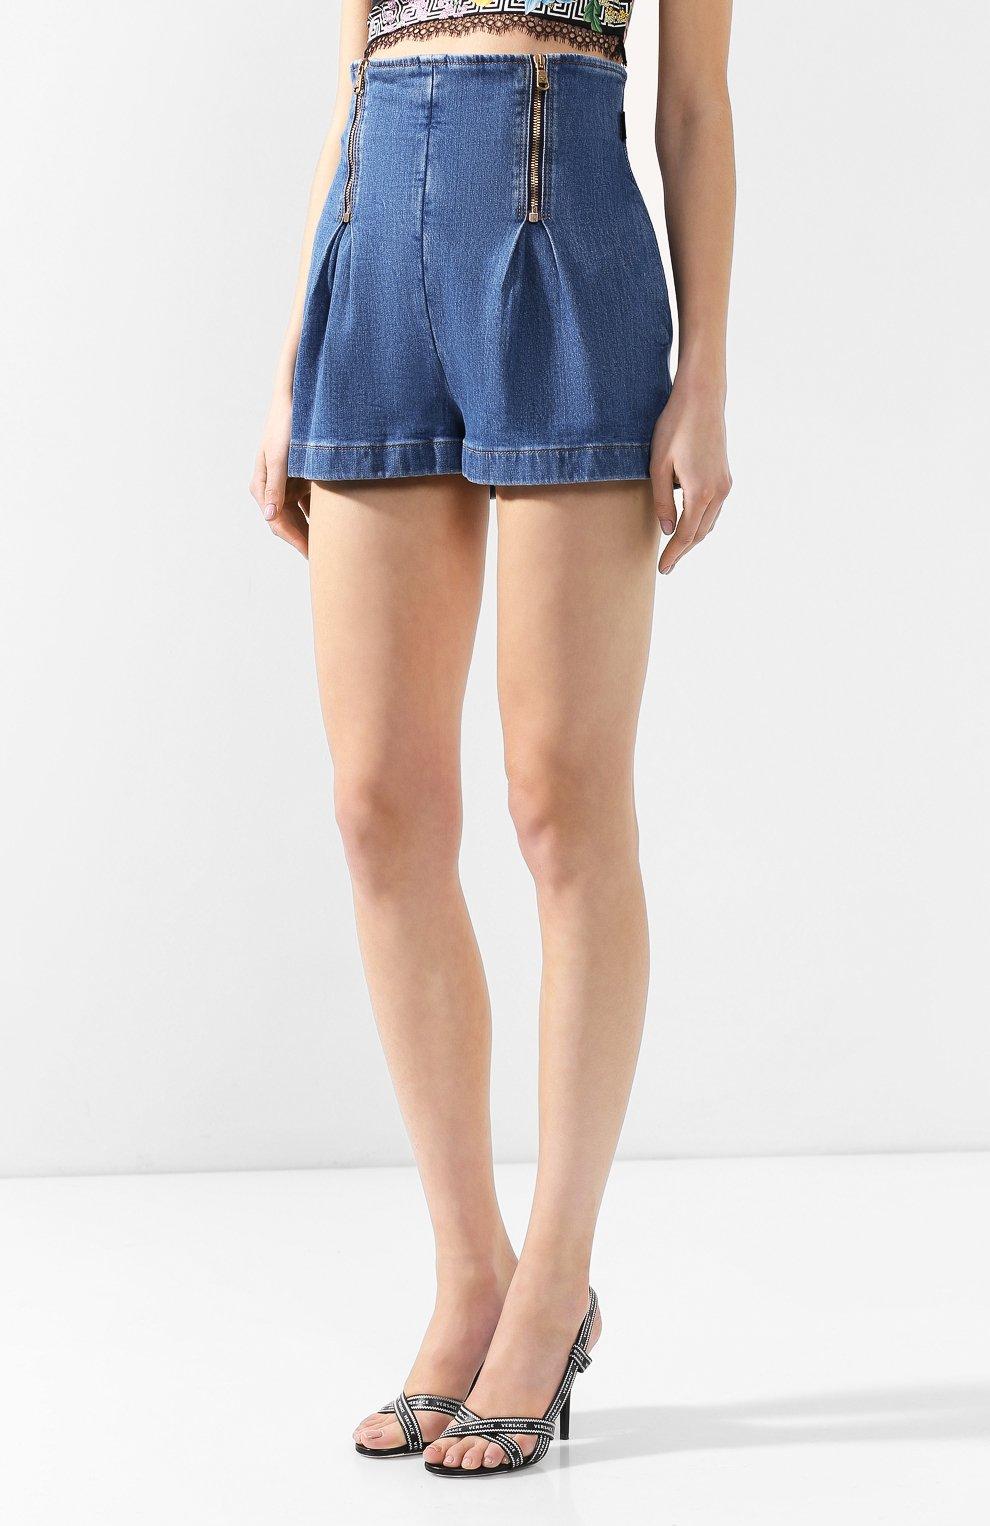 Джинсовые шорты Versace голубые   Фото №3